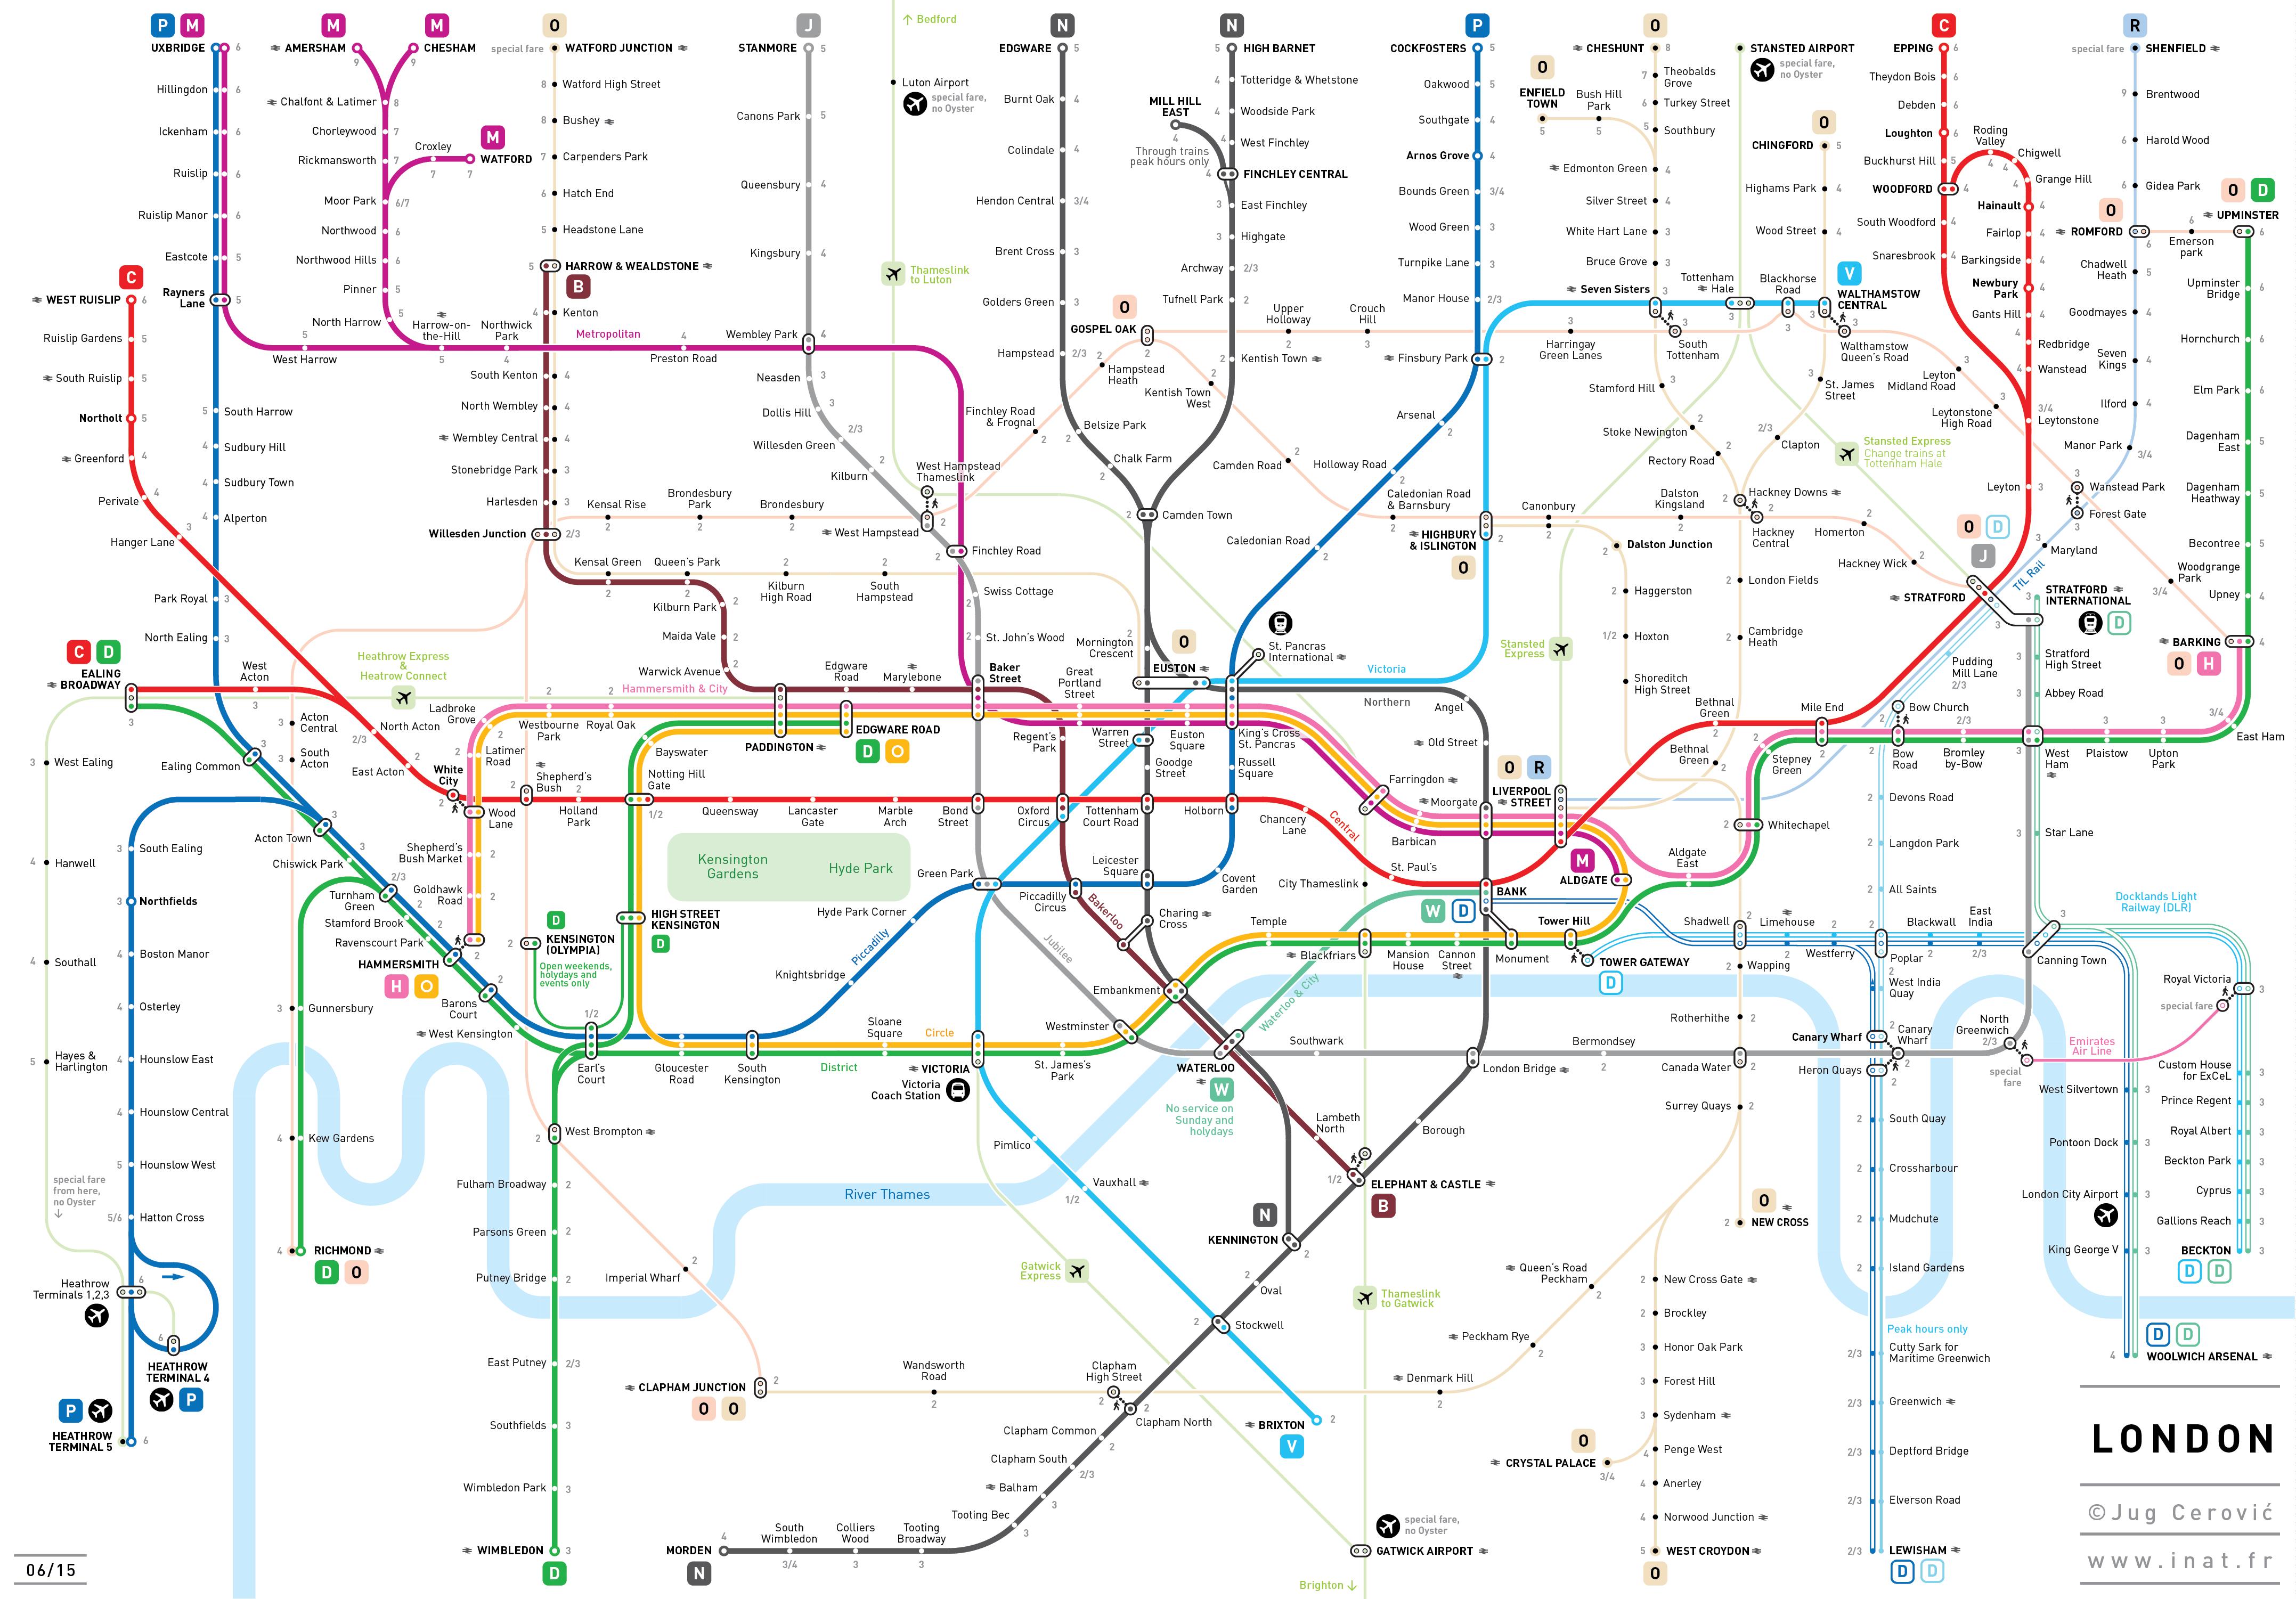 London Underground tube maps